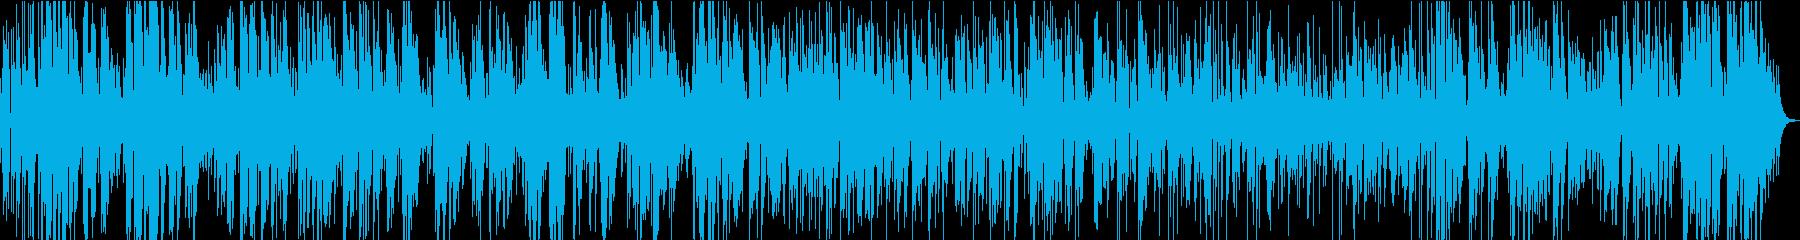 ジャズの名曲をバイオリンでバラードカバーの再生済みの波形